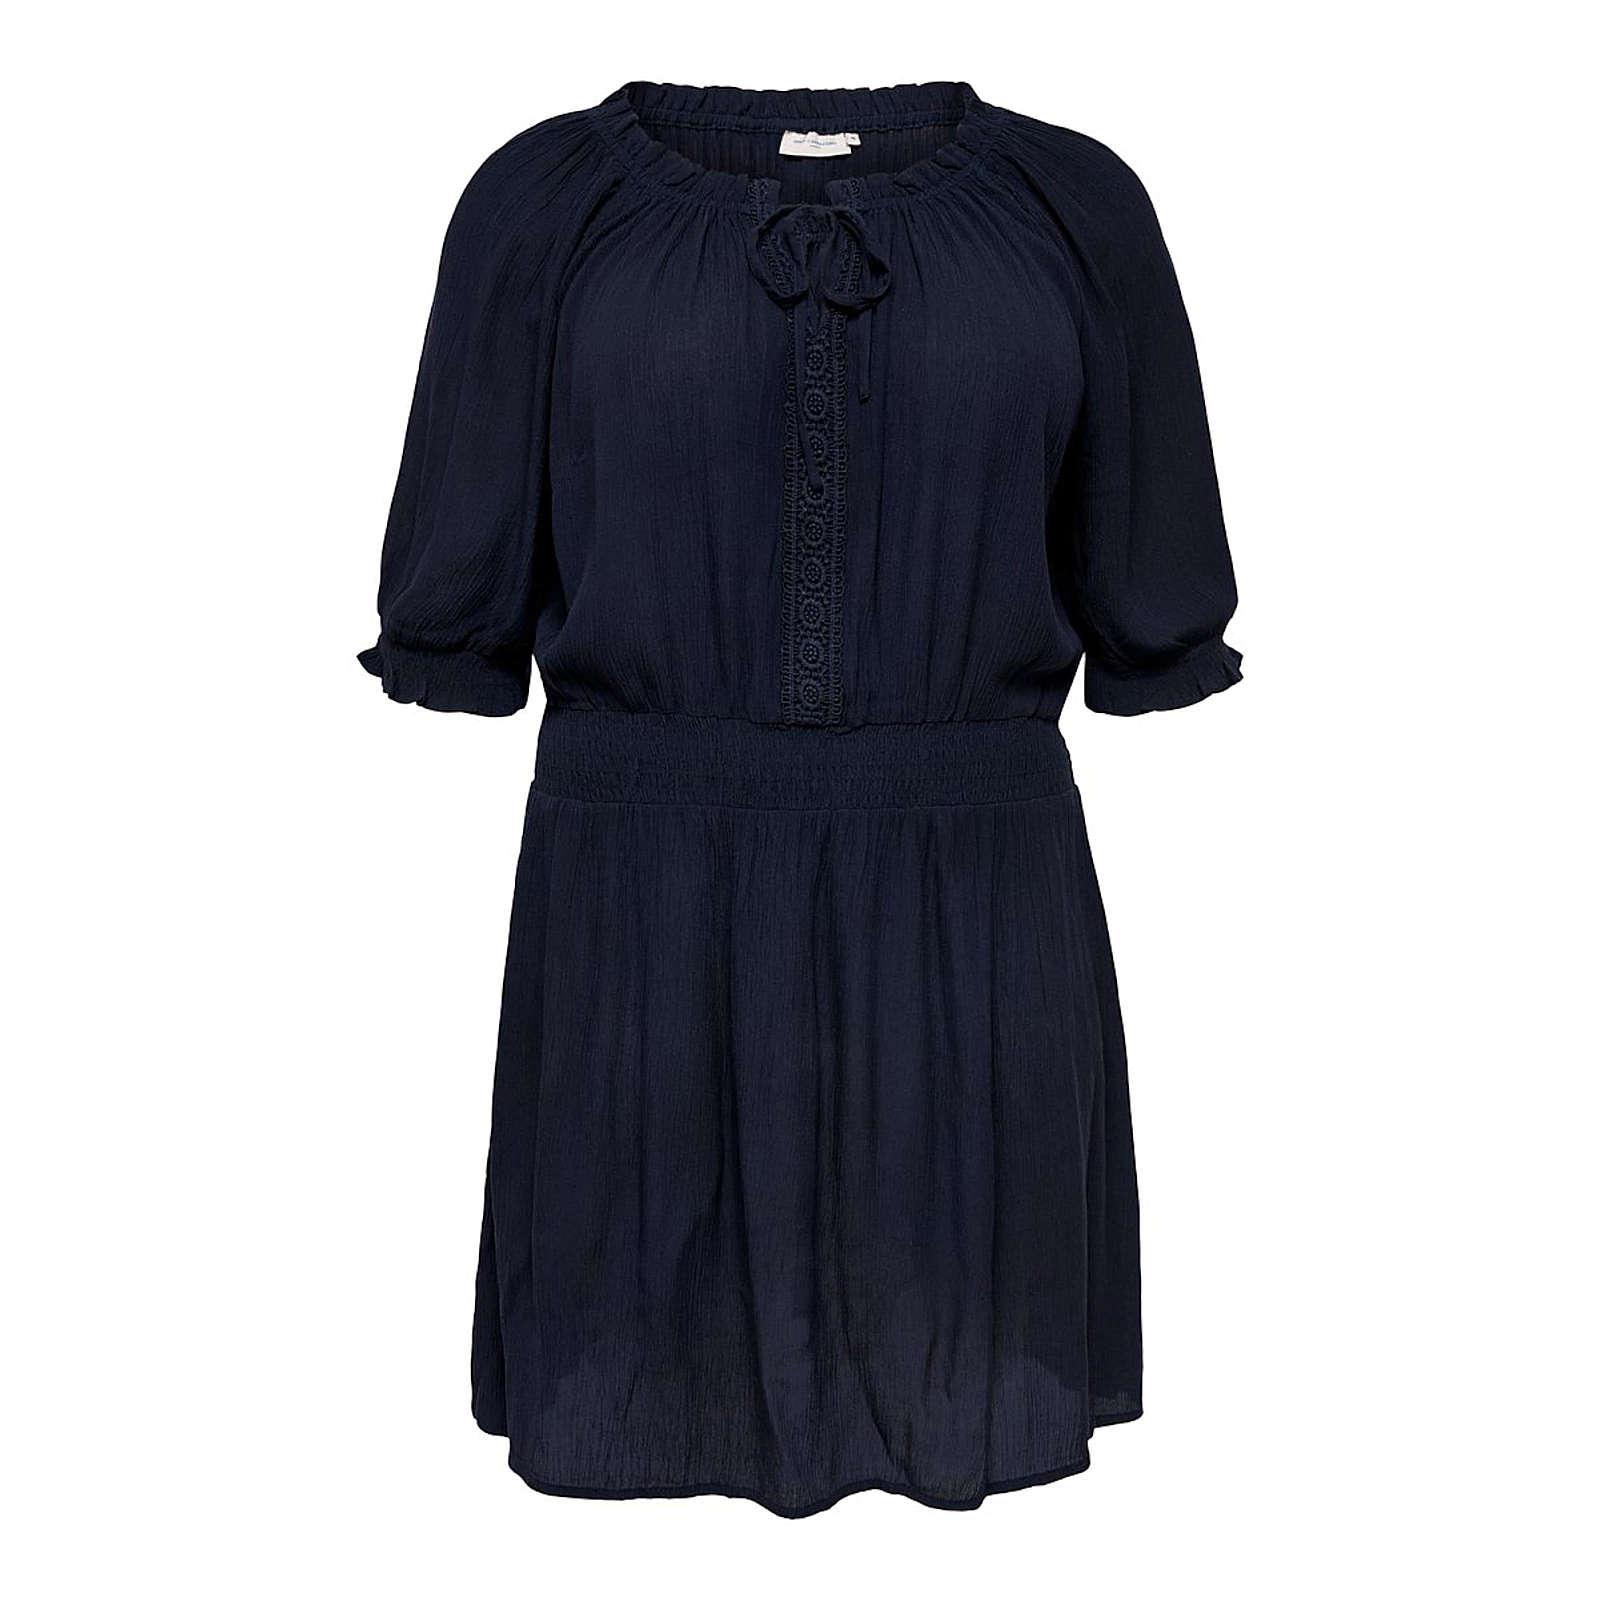 ONLY Carmakoma Sommerkleid Sommerkleider blau Damen Gr. 44